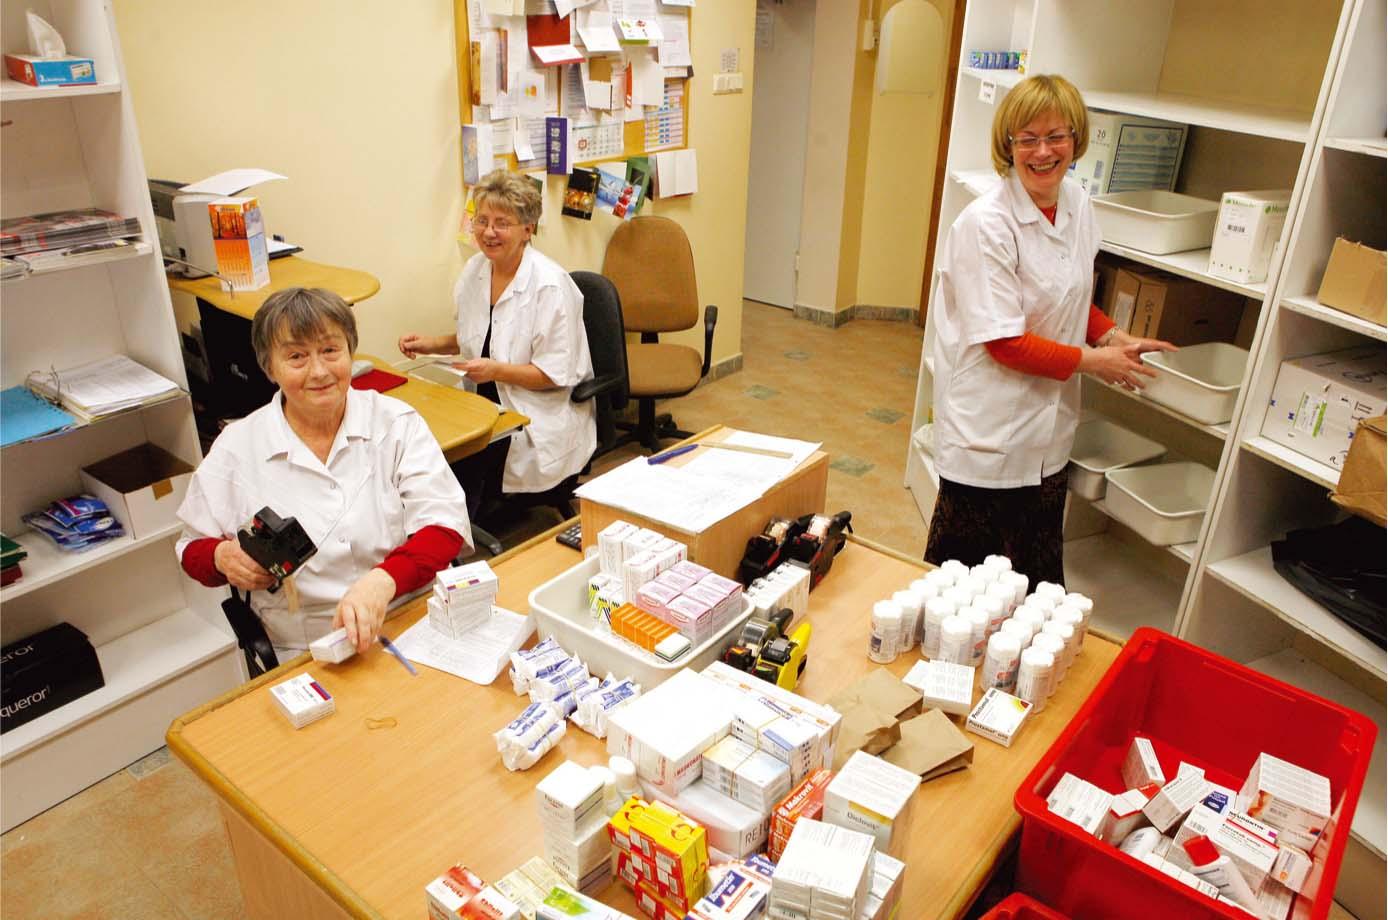 Preču cenošana. Vairākas reizes nedēļā cenu zīmes zālēm uzliek farmaceites Ilze Saulīte (no kreisās), recepšu ievadīšanas operatore Vizma Sidorenko un farmaceita palīdze Ilze Blaua